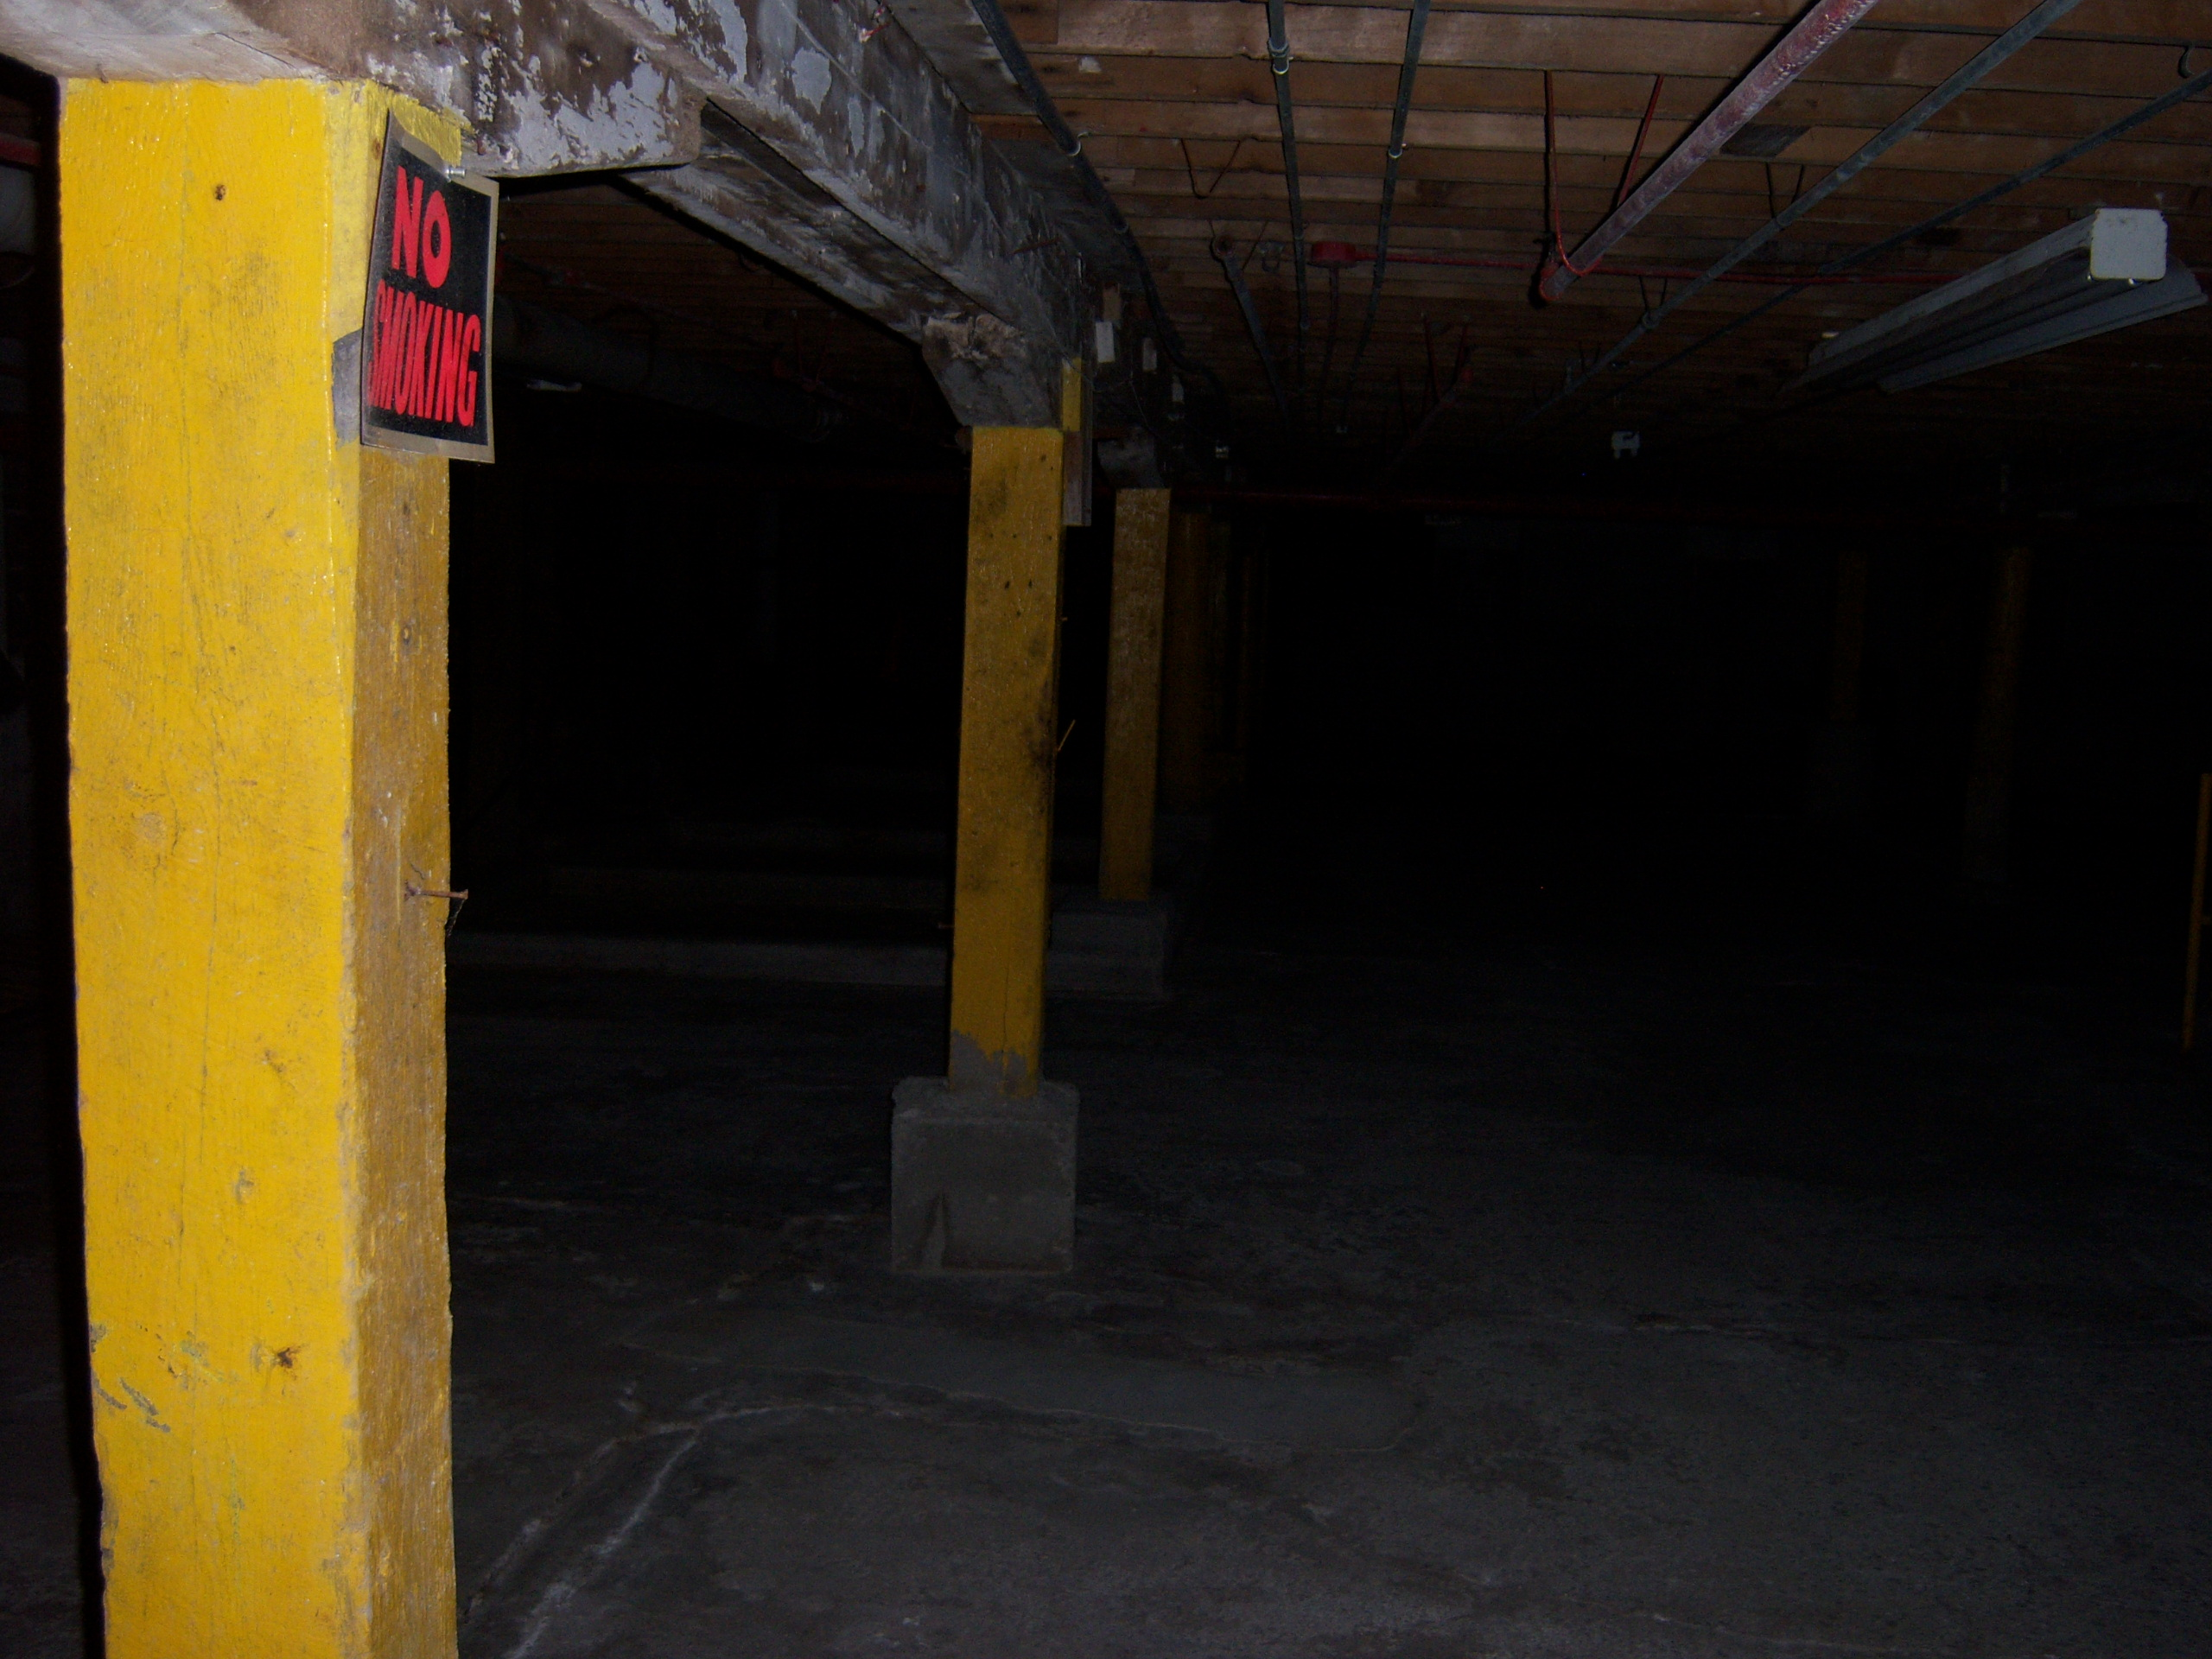 dark basement hd. Basement Wallpaper HD Backgrounds Dark Hd A